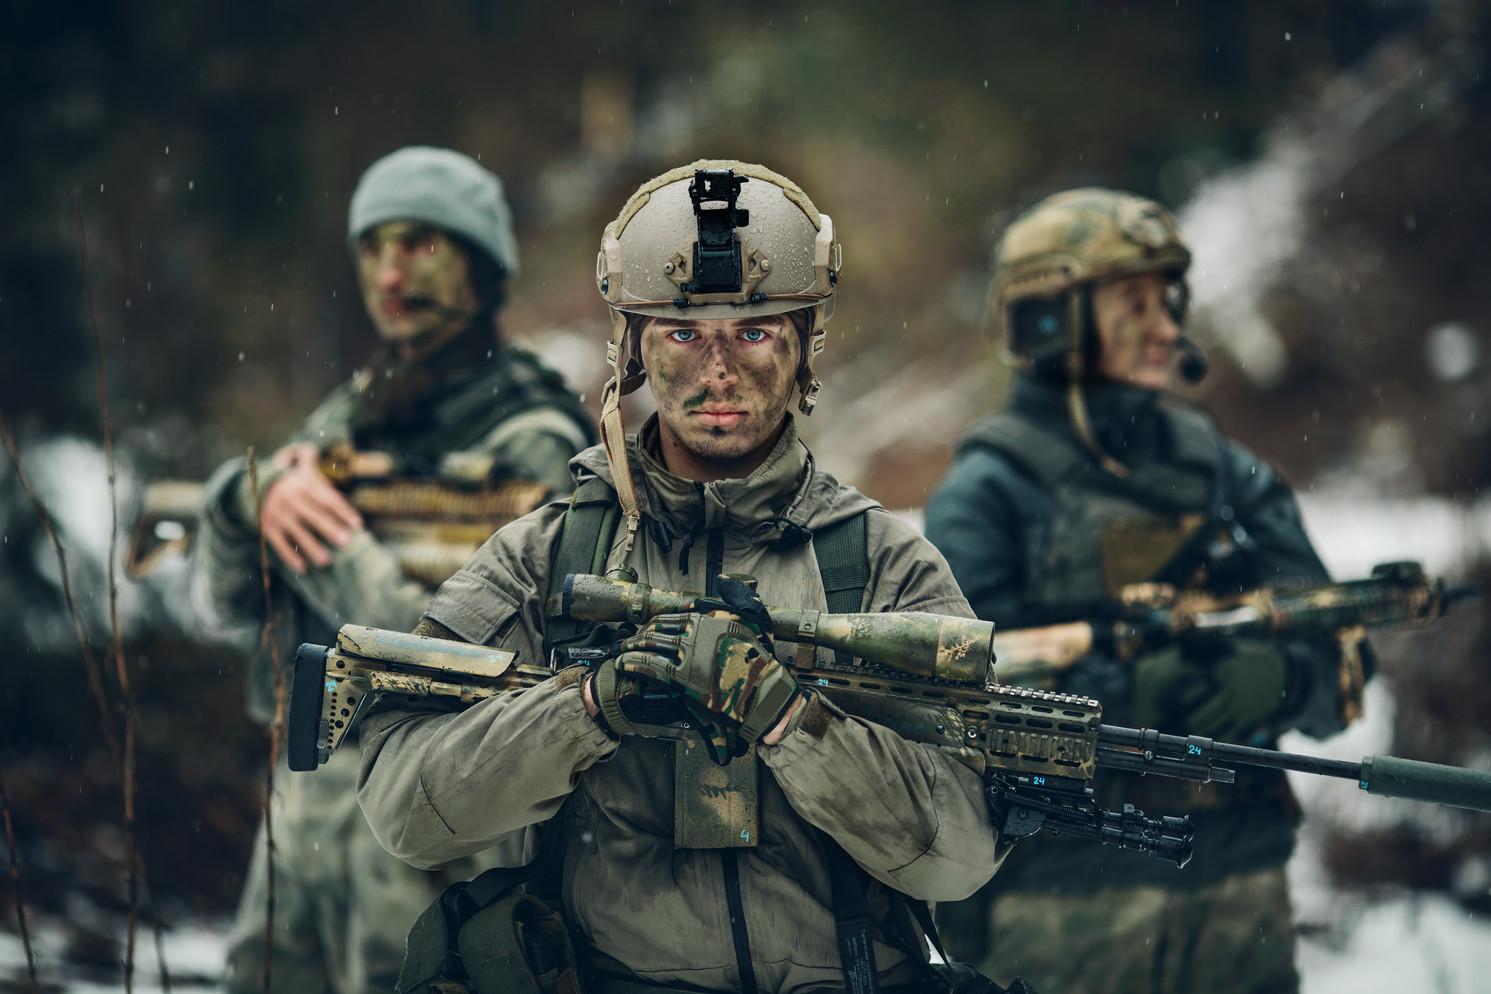 הכנה לסיירות ויחידות מיוחדות | Special Forces